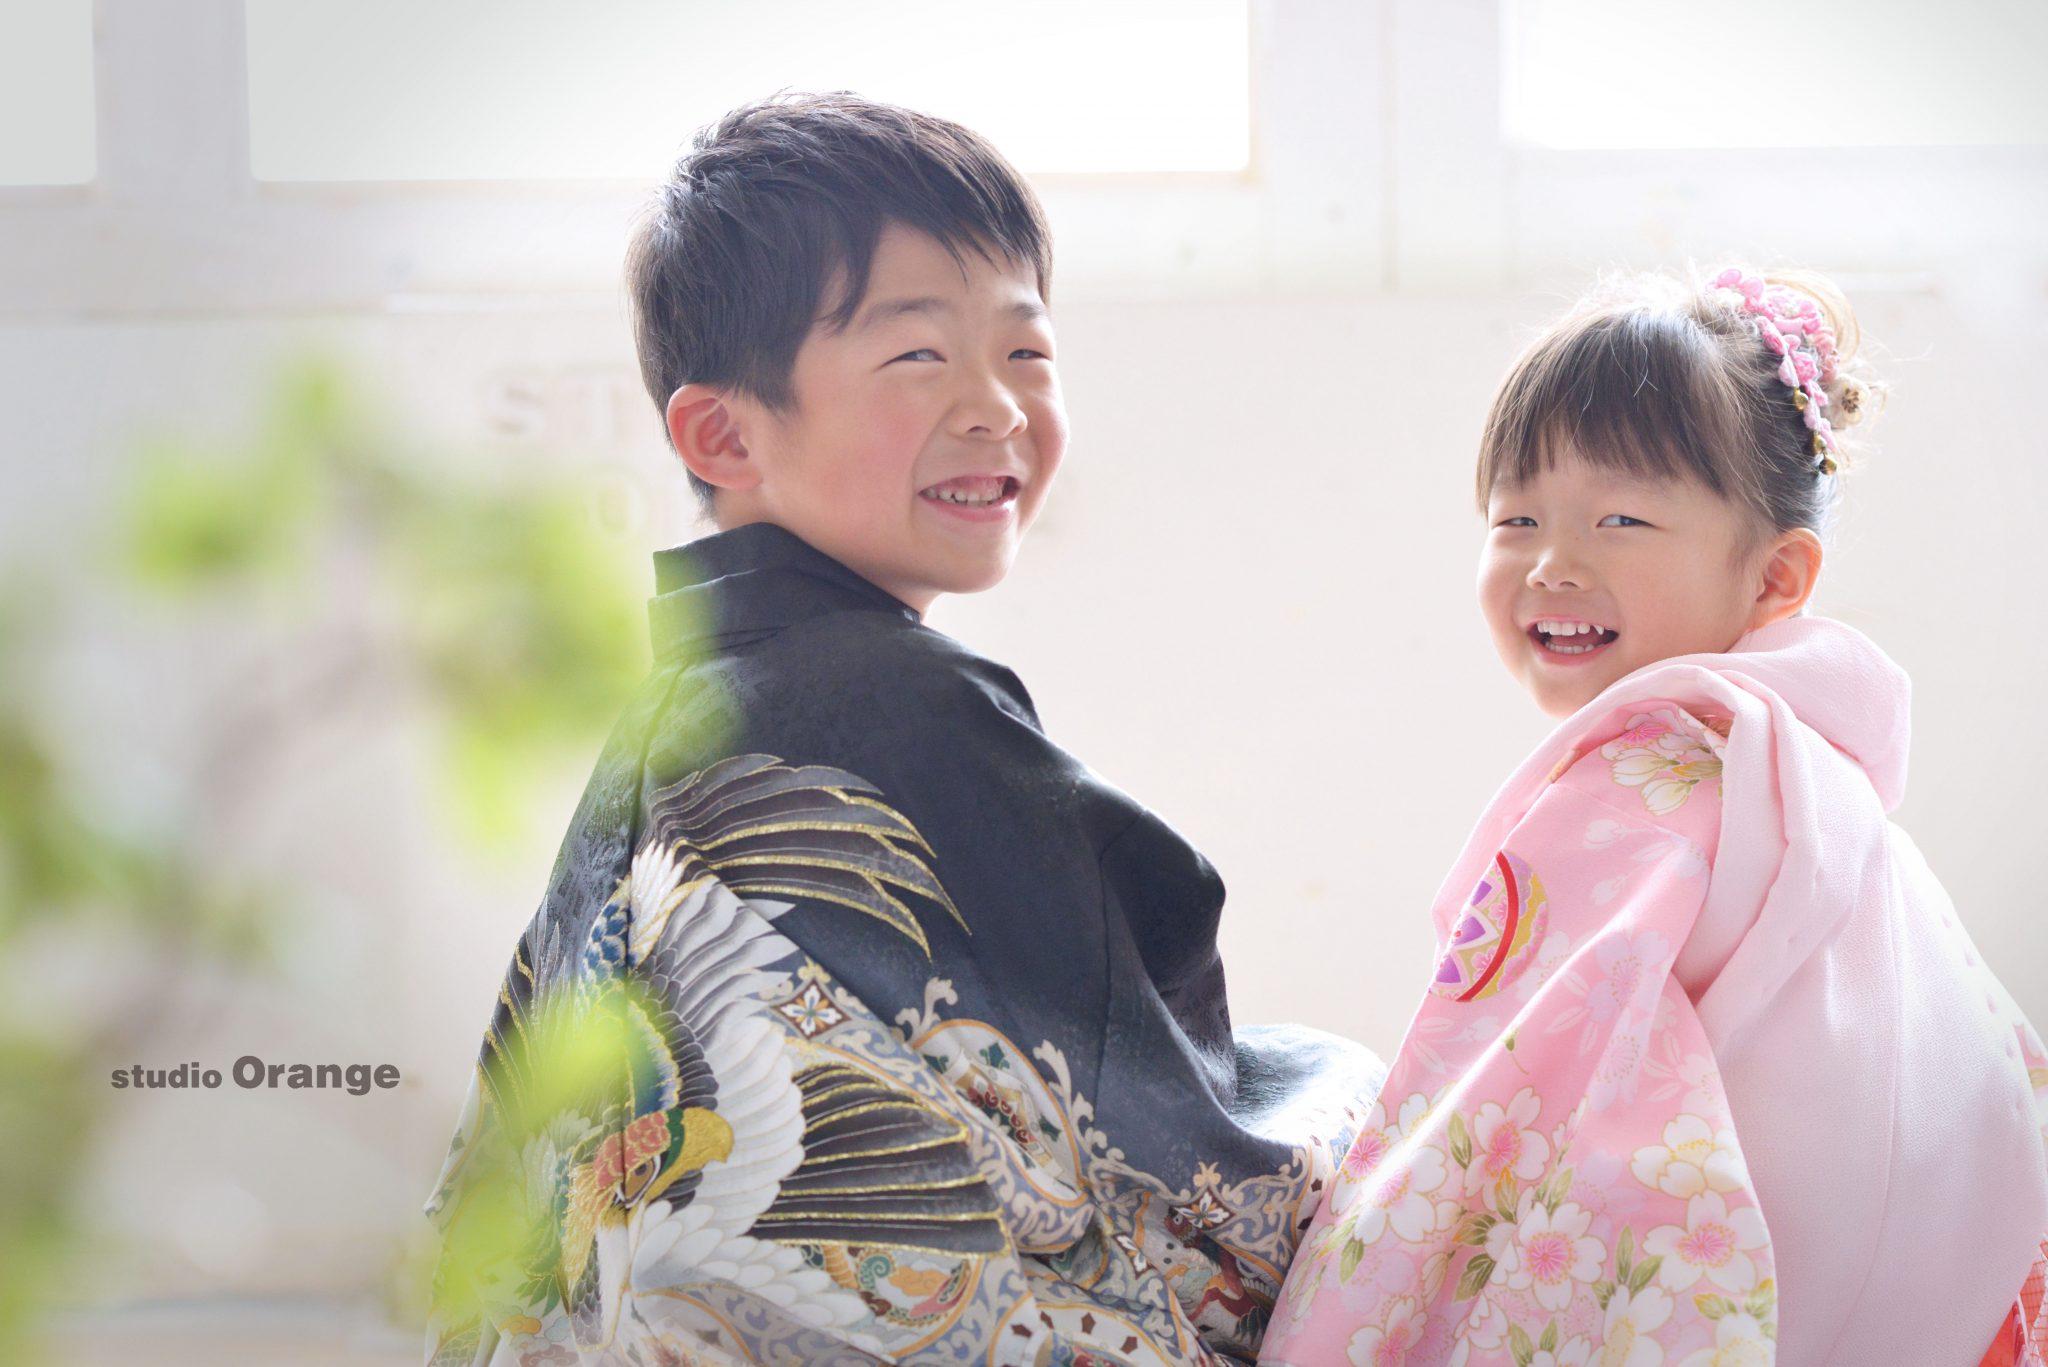 兄妹 振り返り 着物 七五三 奈良市 フォトスタジオ ハウススタジオ